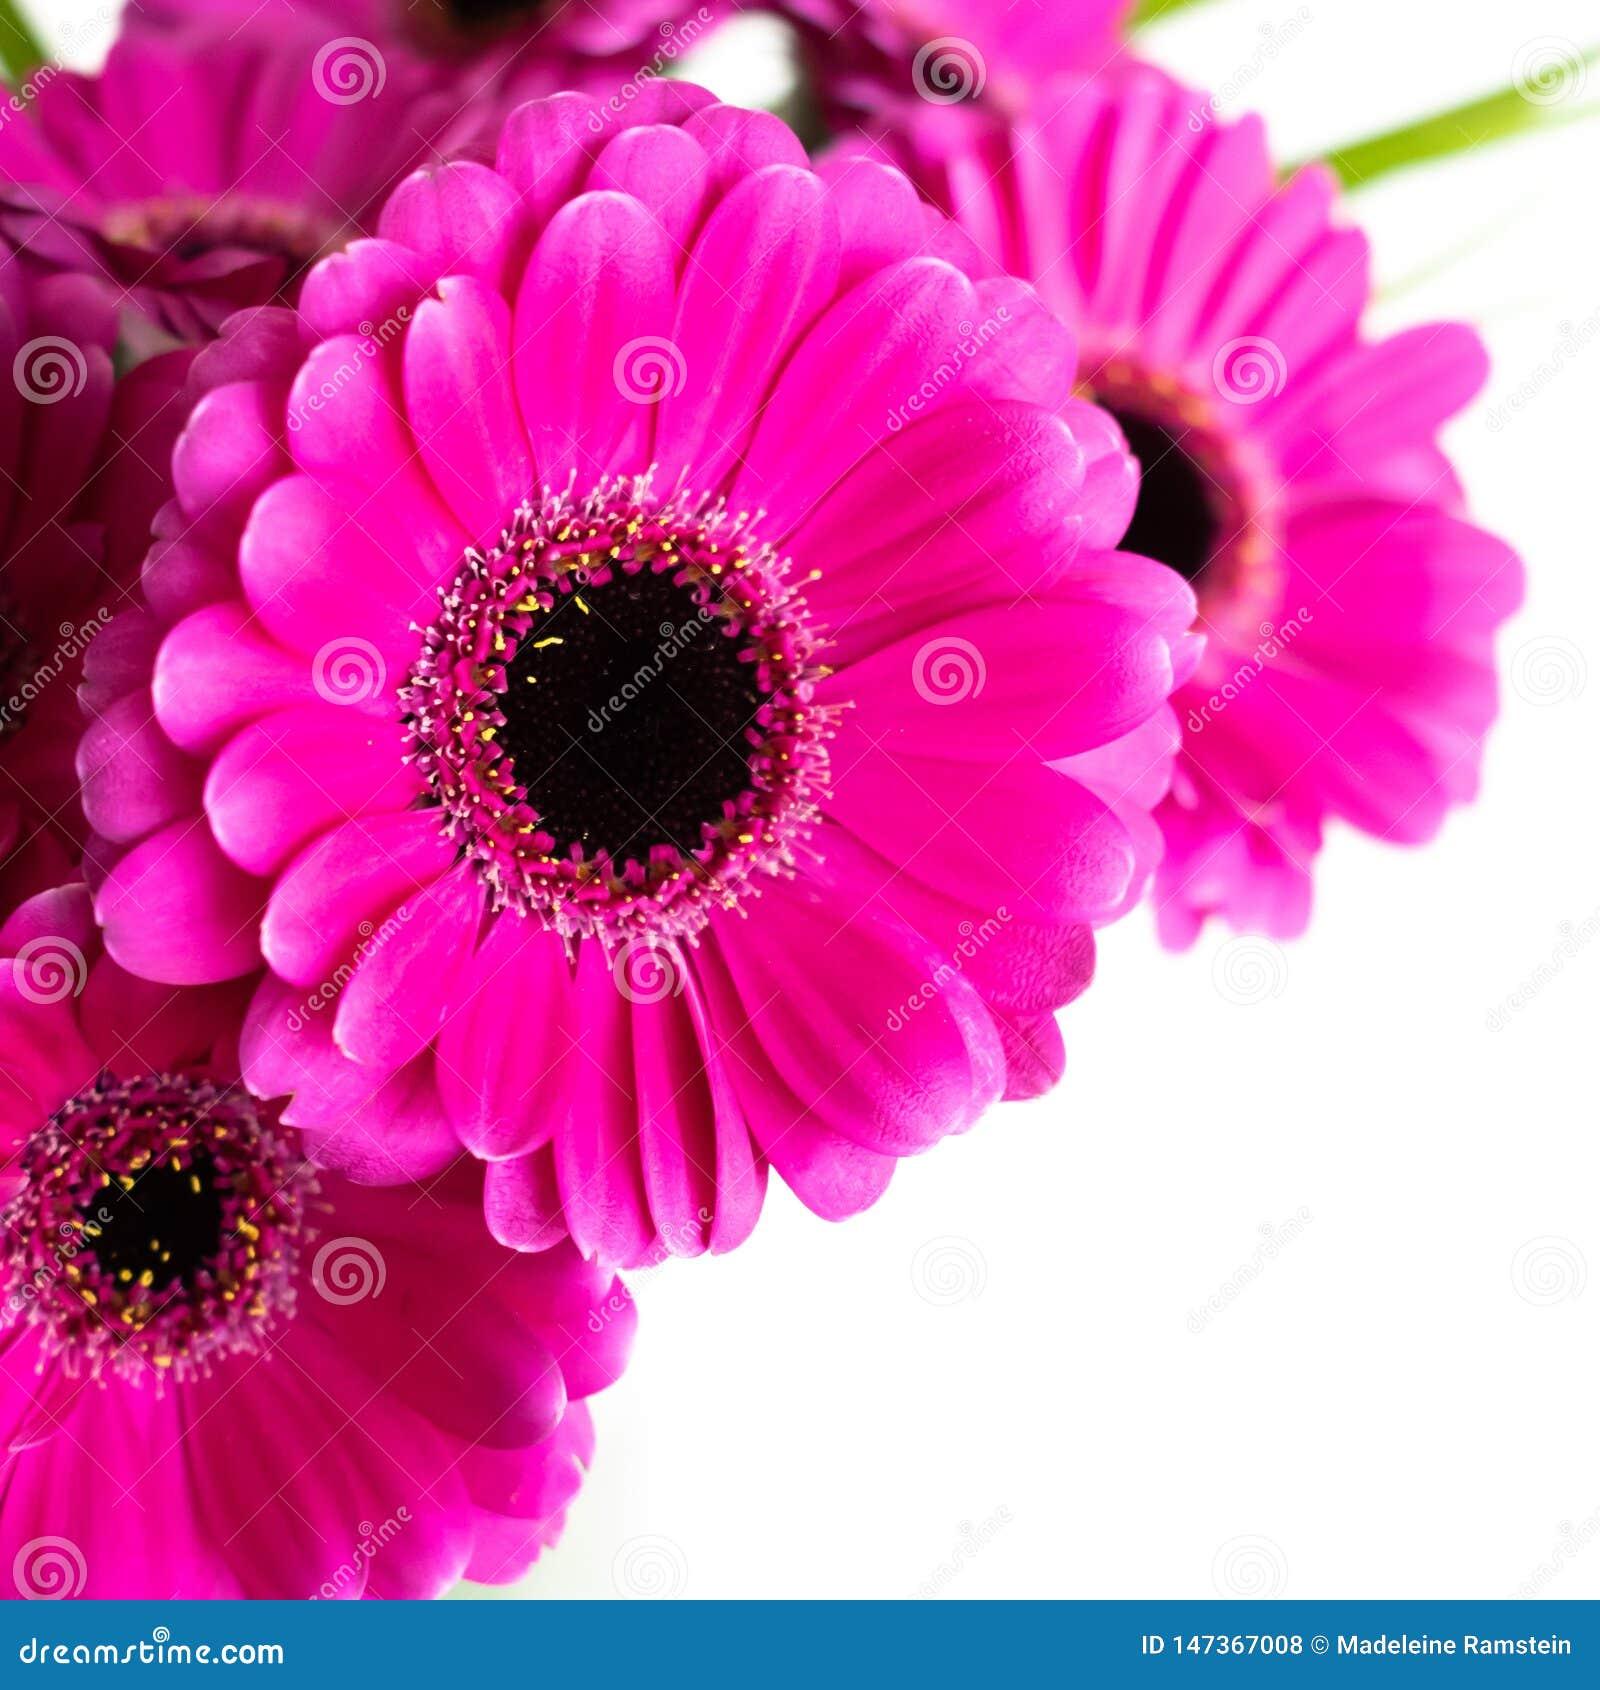 桃红色/紫色/violette大丁草花花束 户内有白色背景